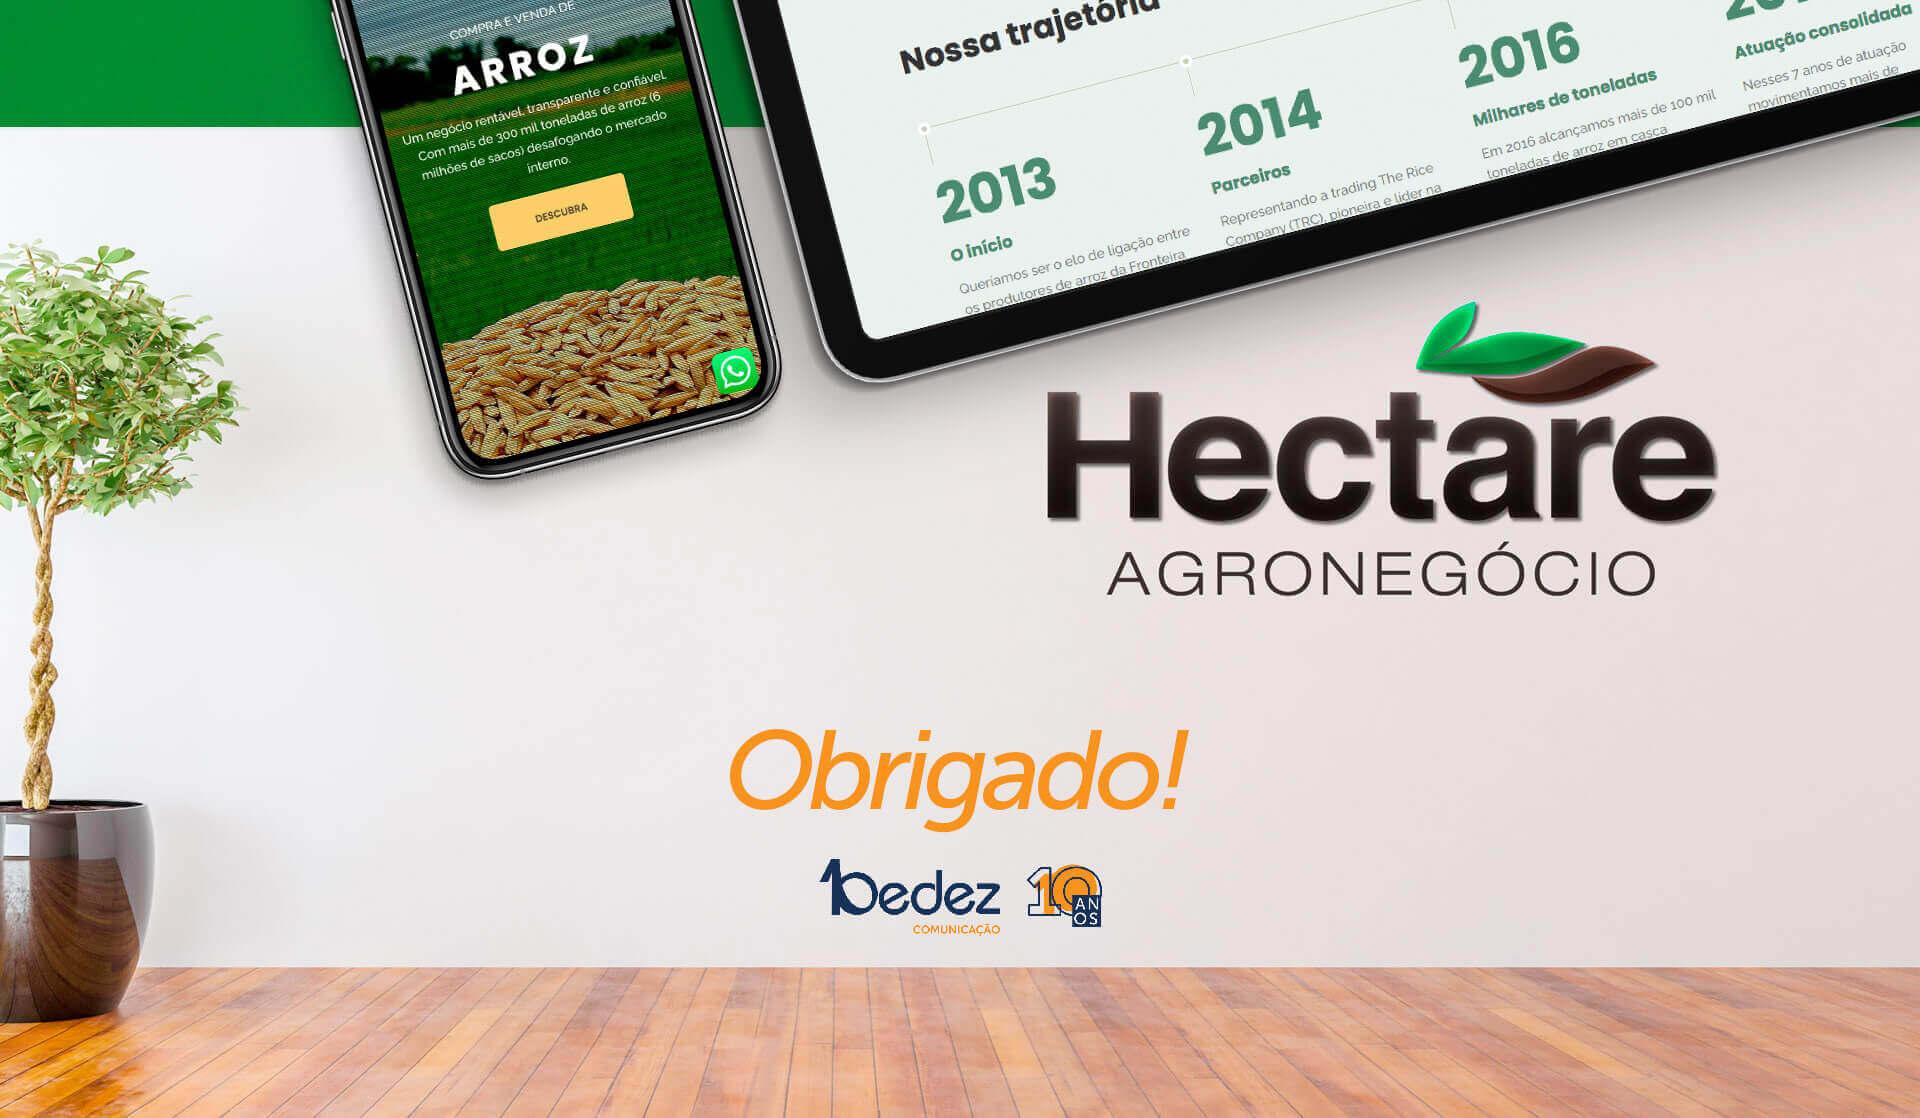 criação de site corretora de arroz hectare agronegócio uruguaiana